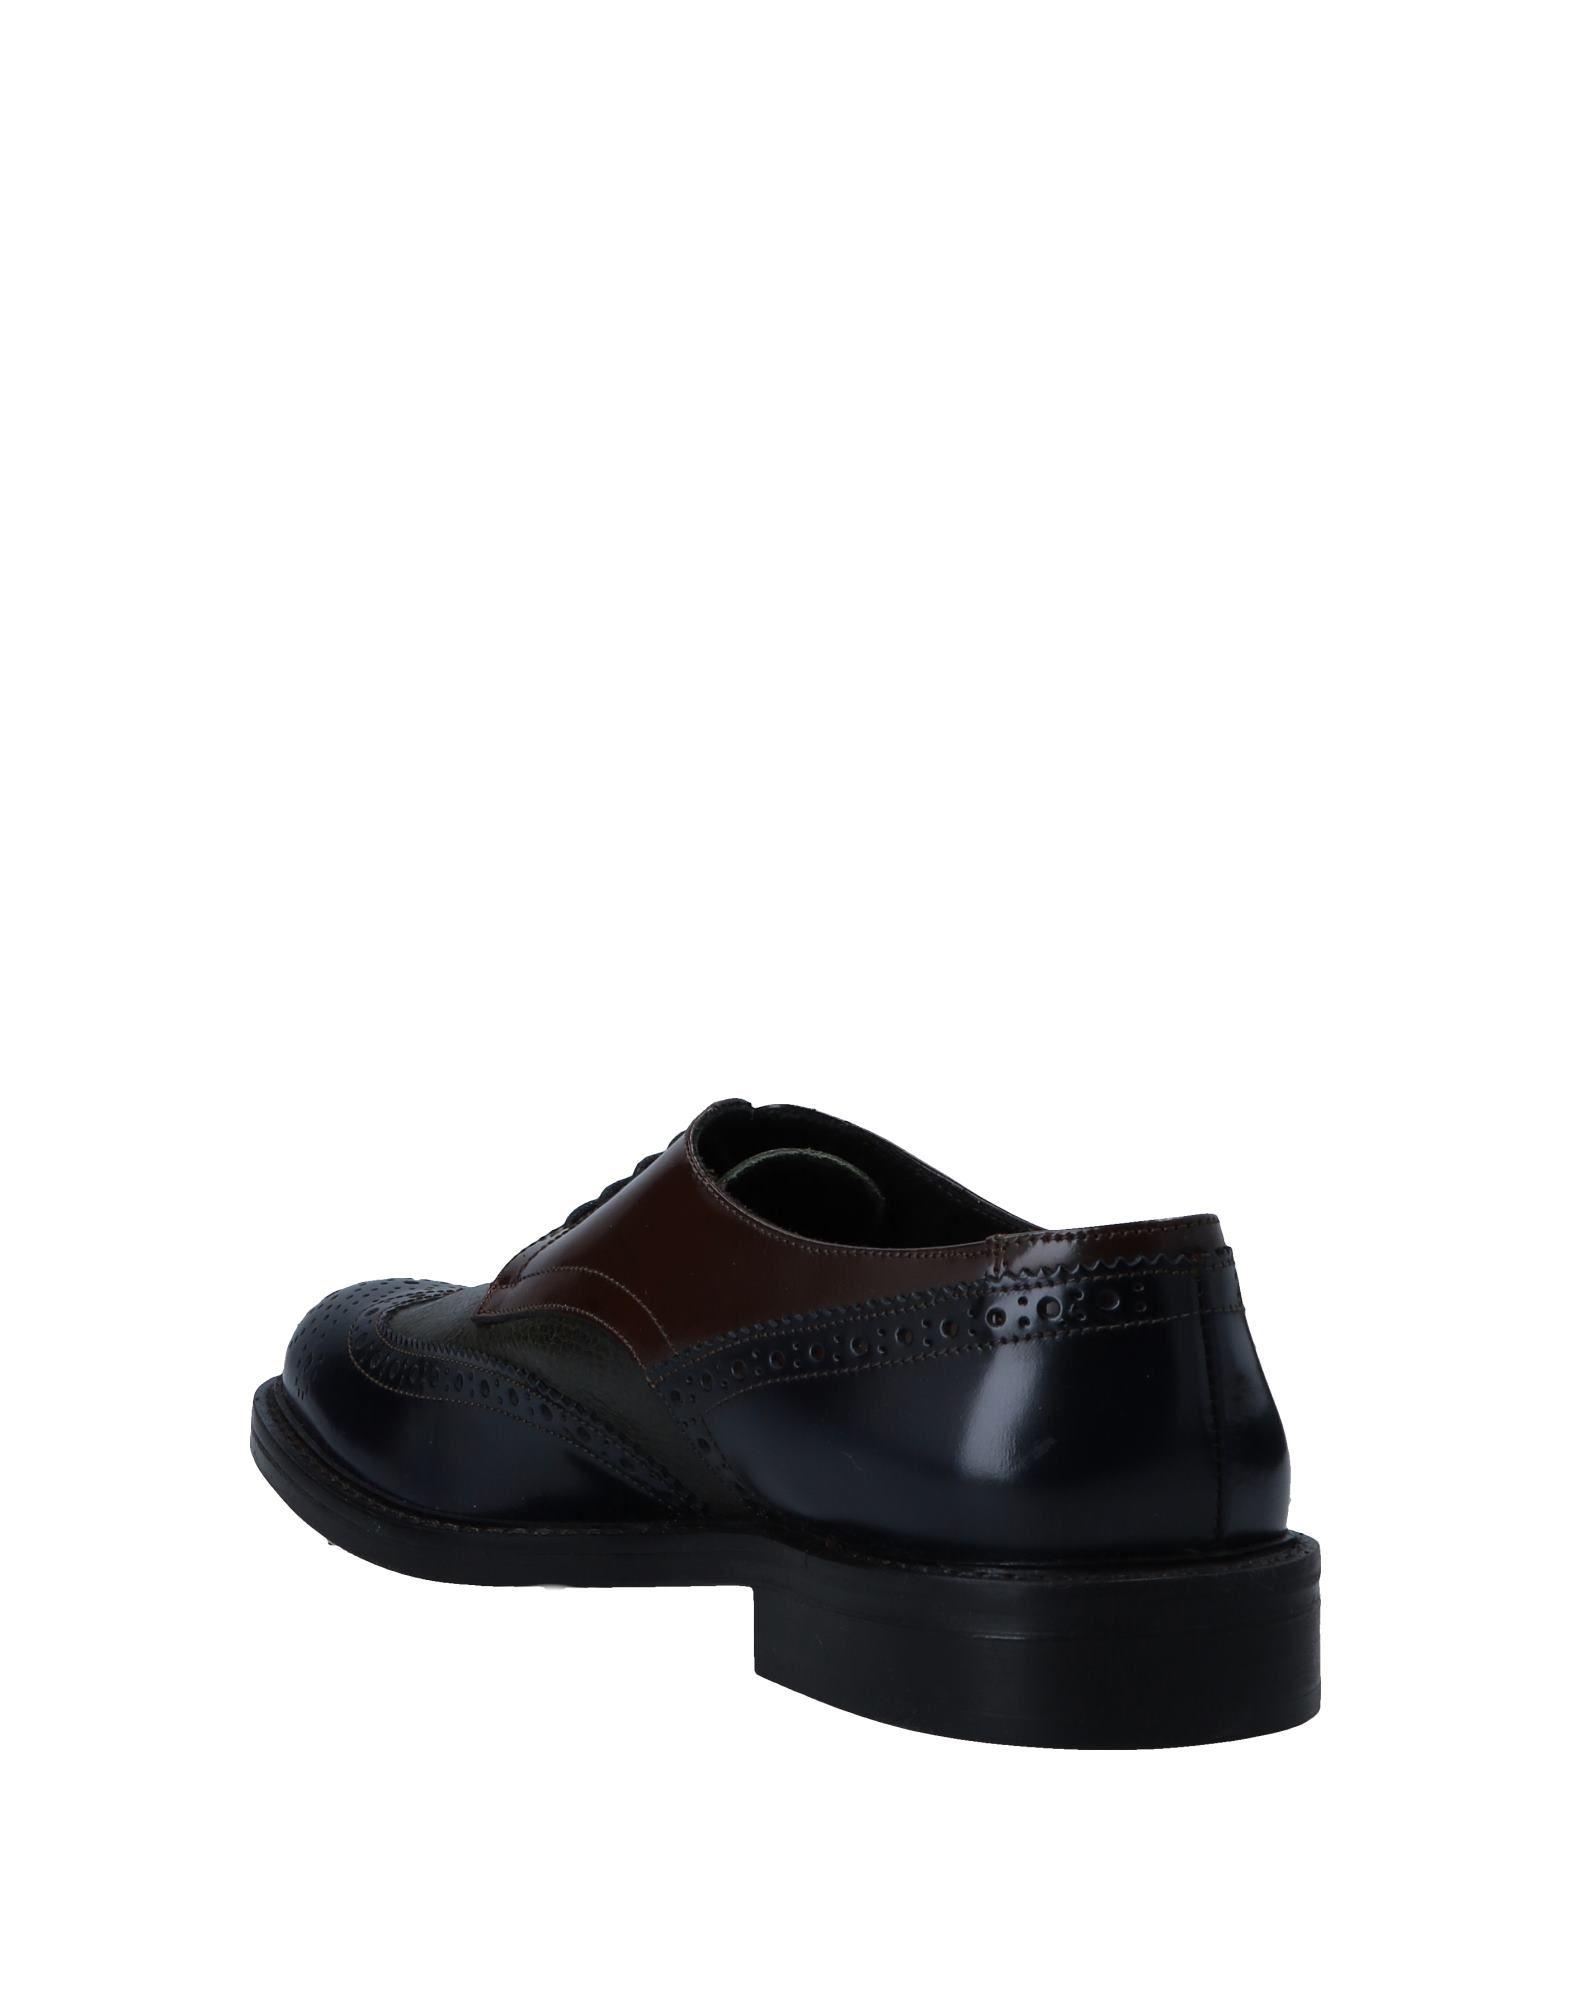 Rabatt echte Schnürschuhe Schuhe Marechiaro 1962 Schnürschuhe echte Herren  11557059UI 86f3ab